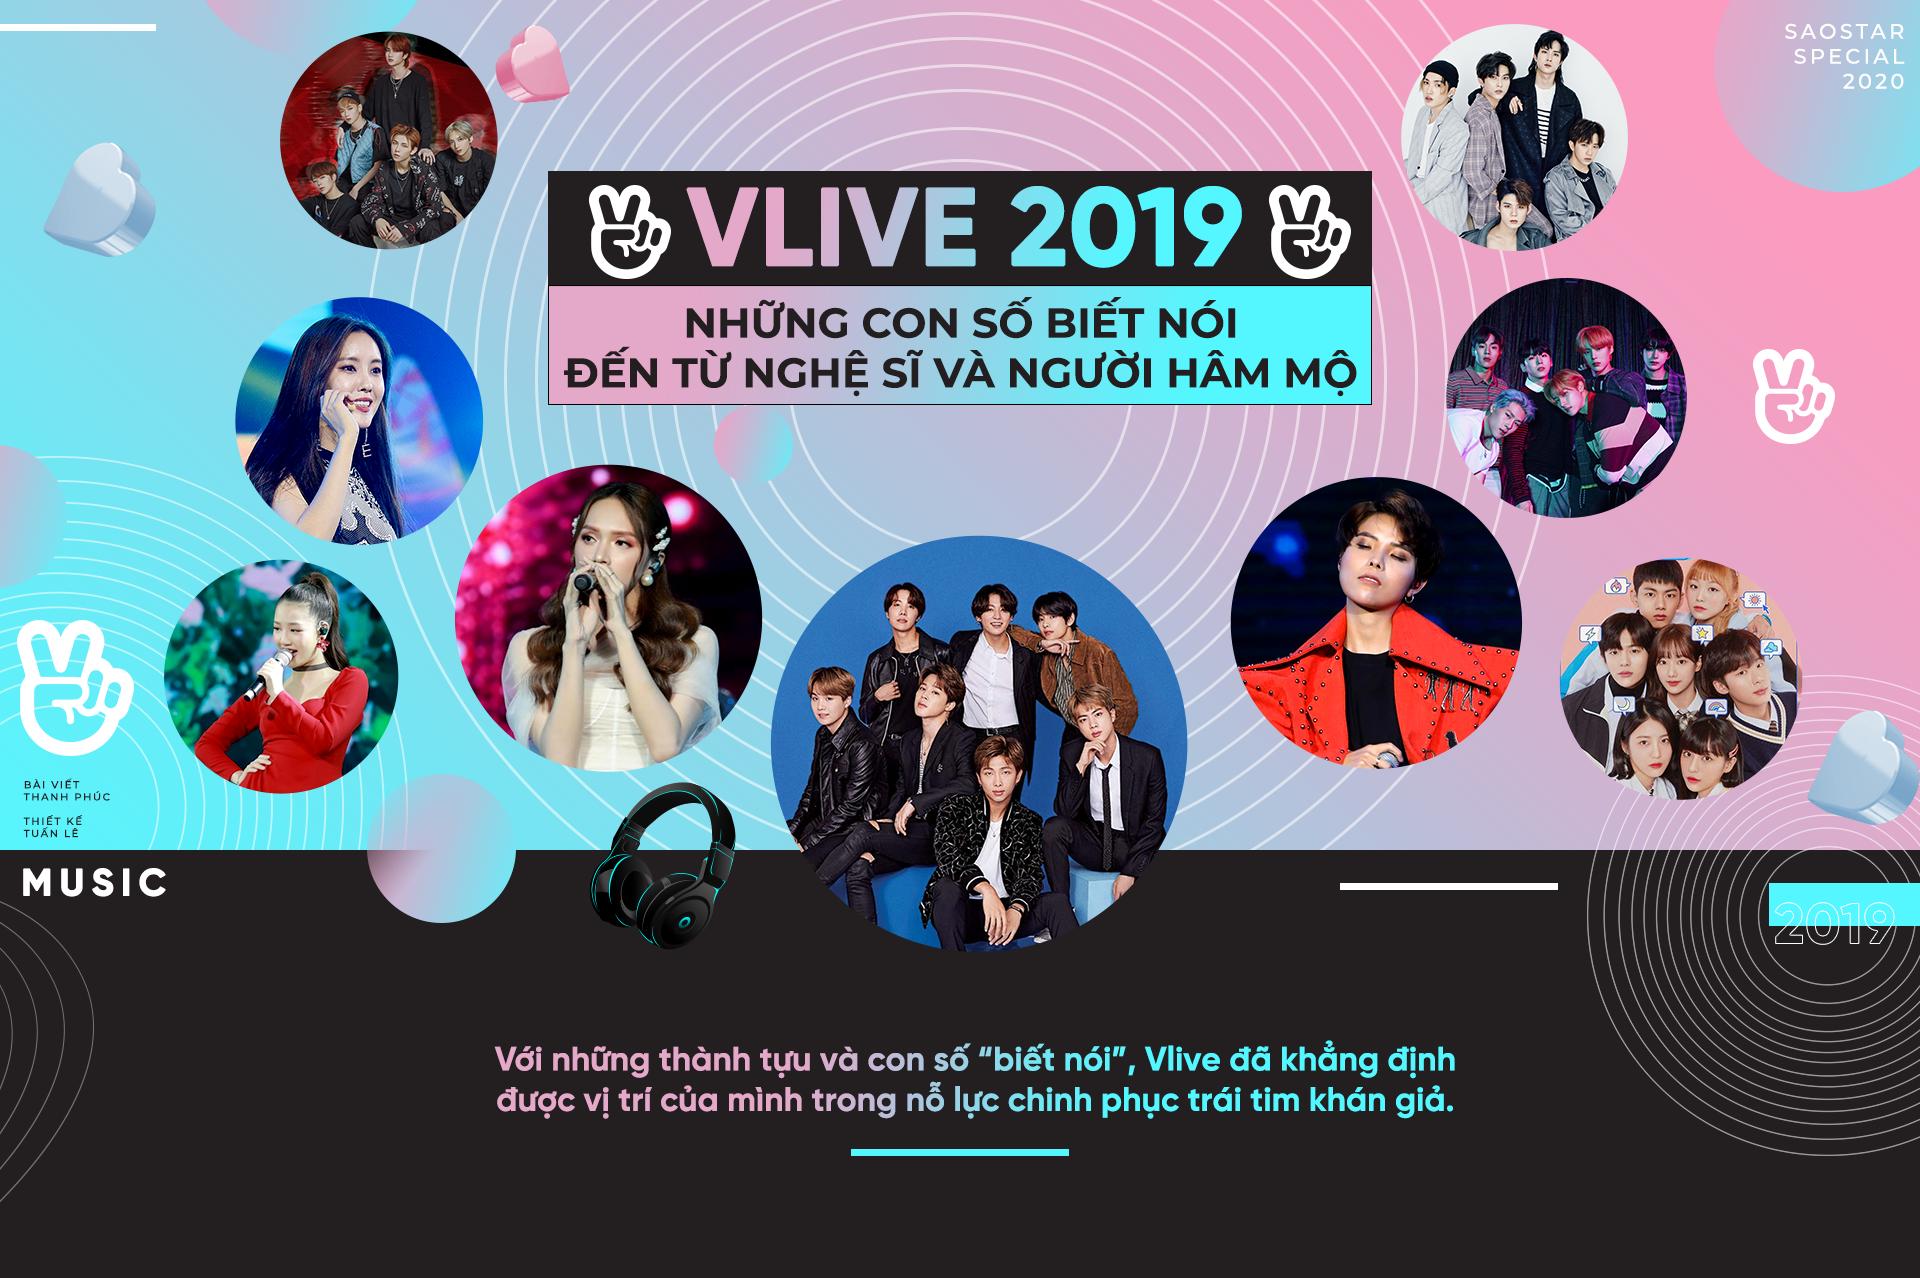 VLive 2019: Những con số biết nói đến từ nghệ sĩ và người hâm mộ